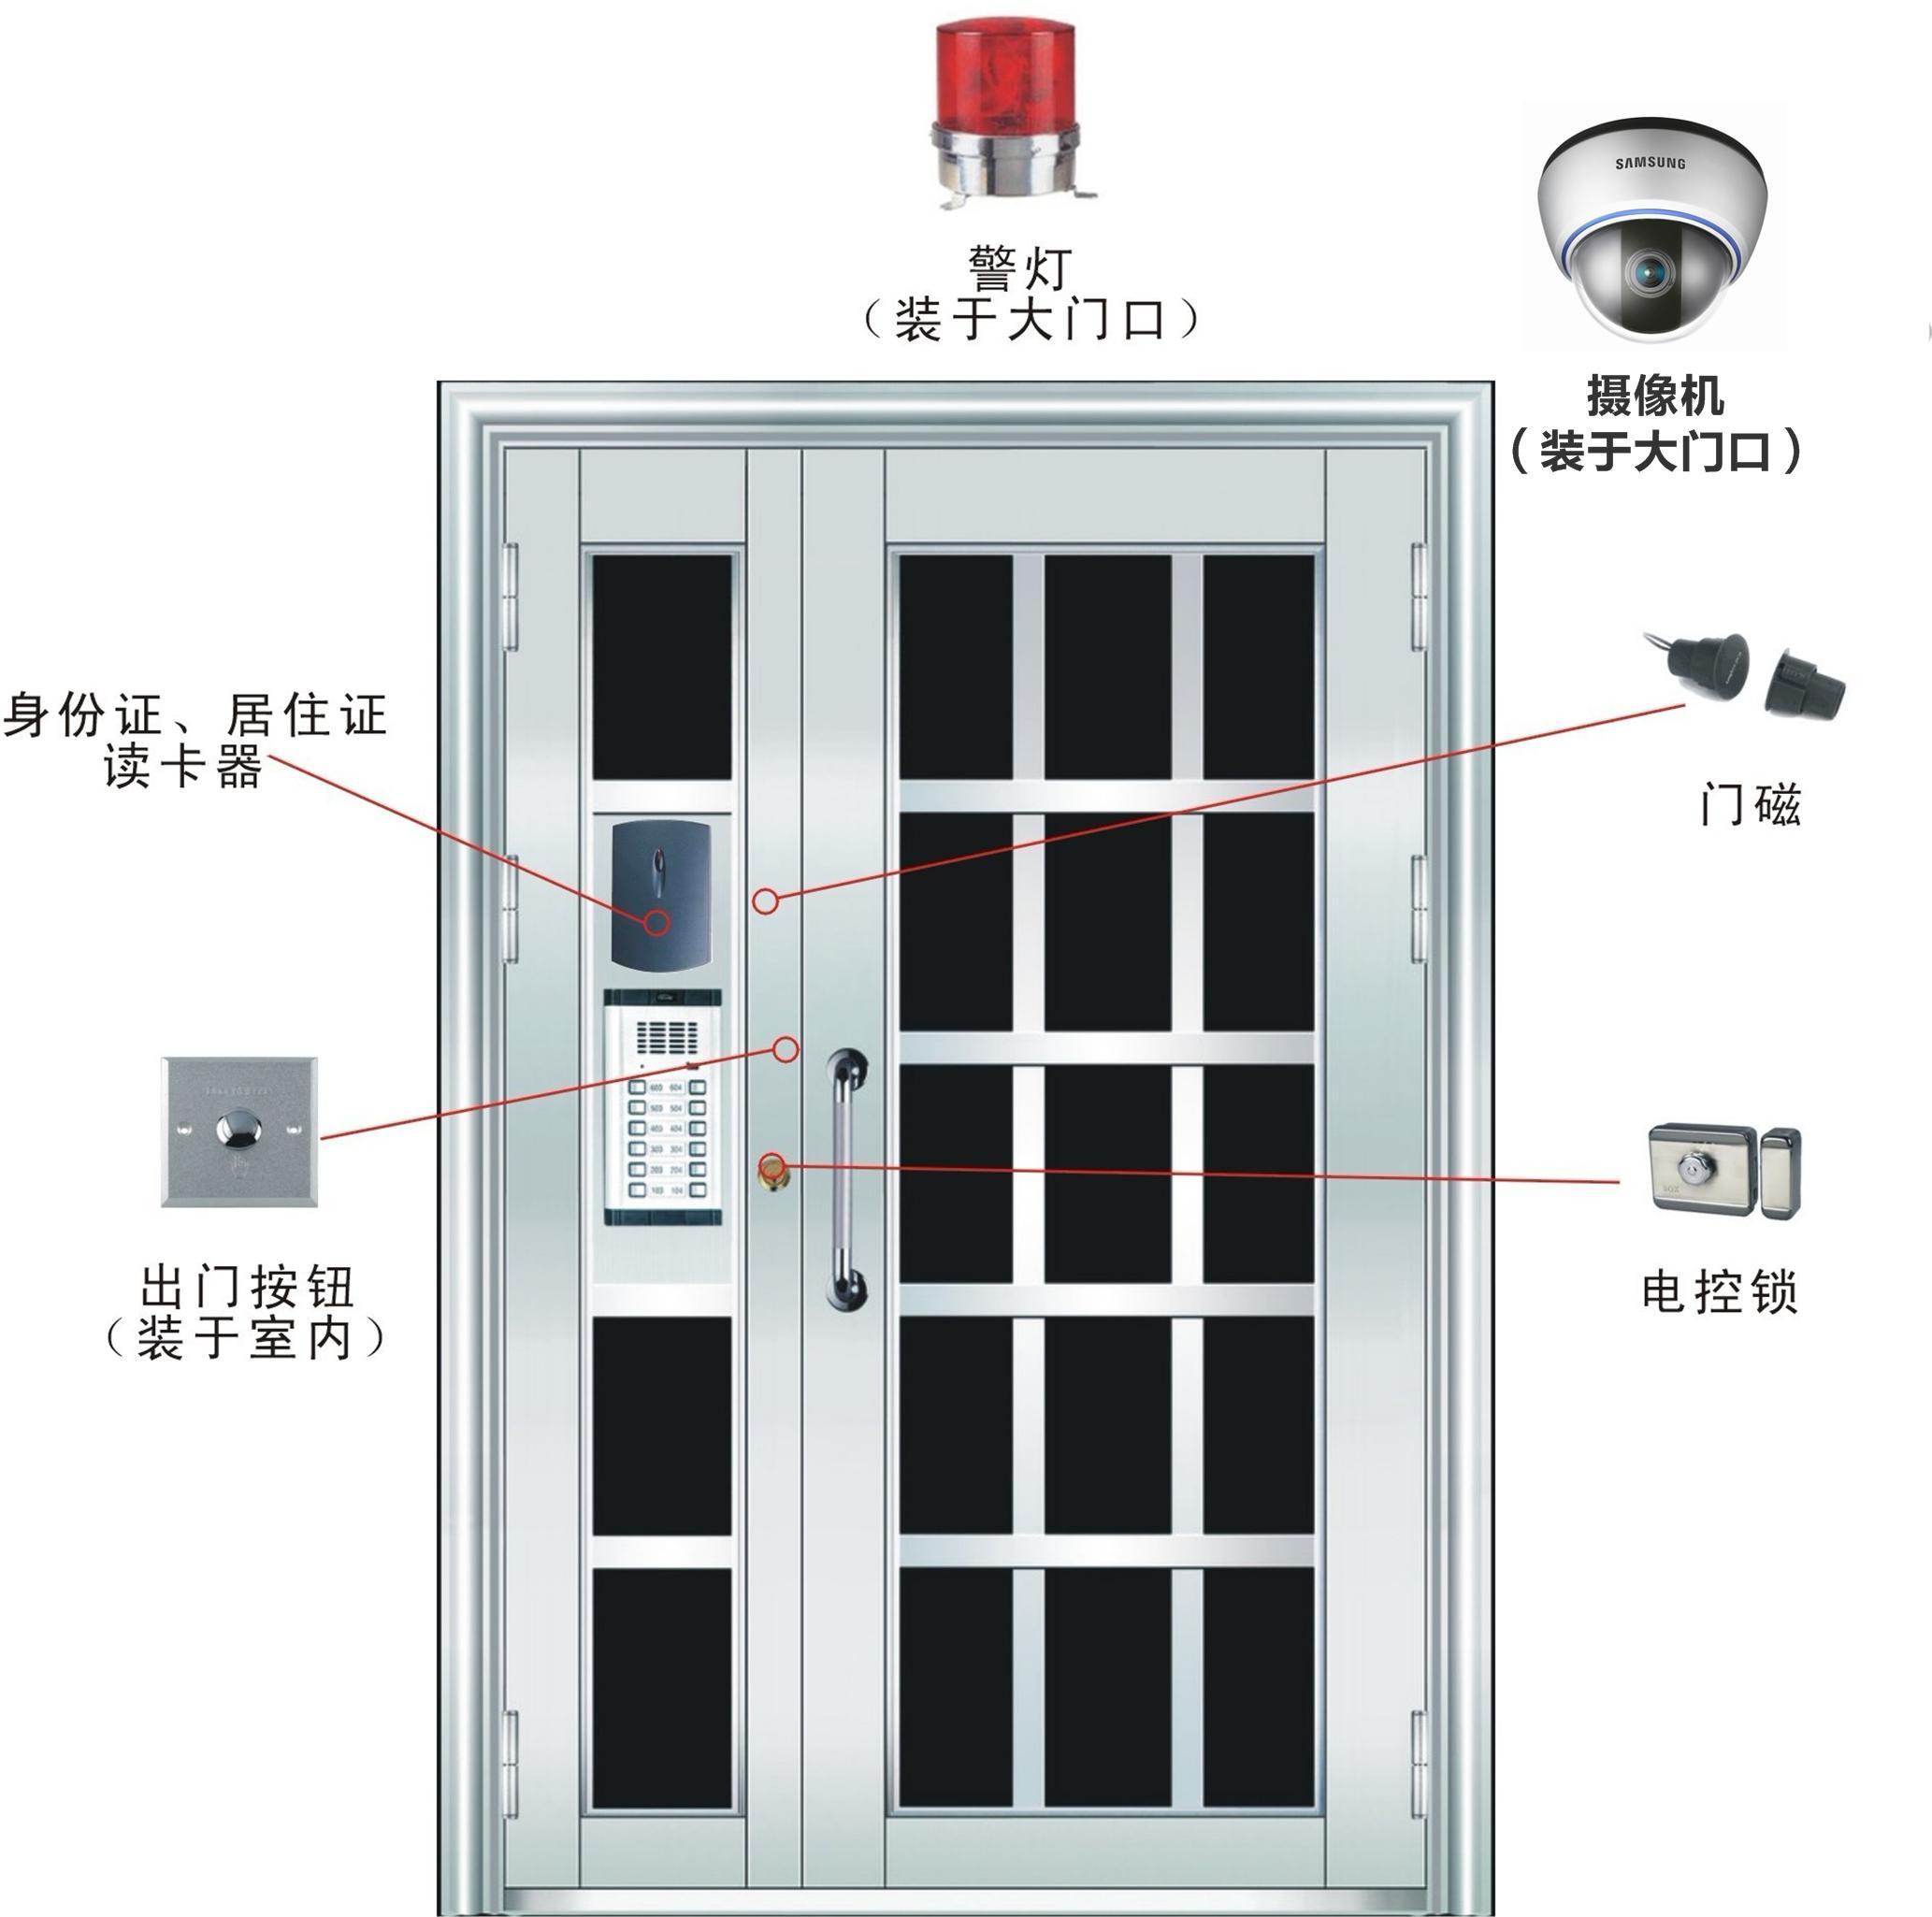 出租屋电子智能门禁系统